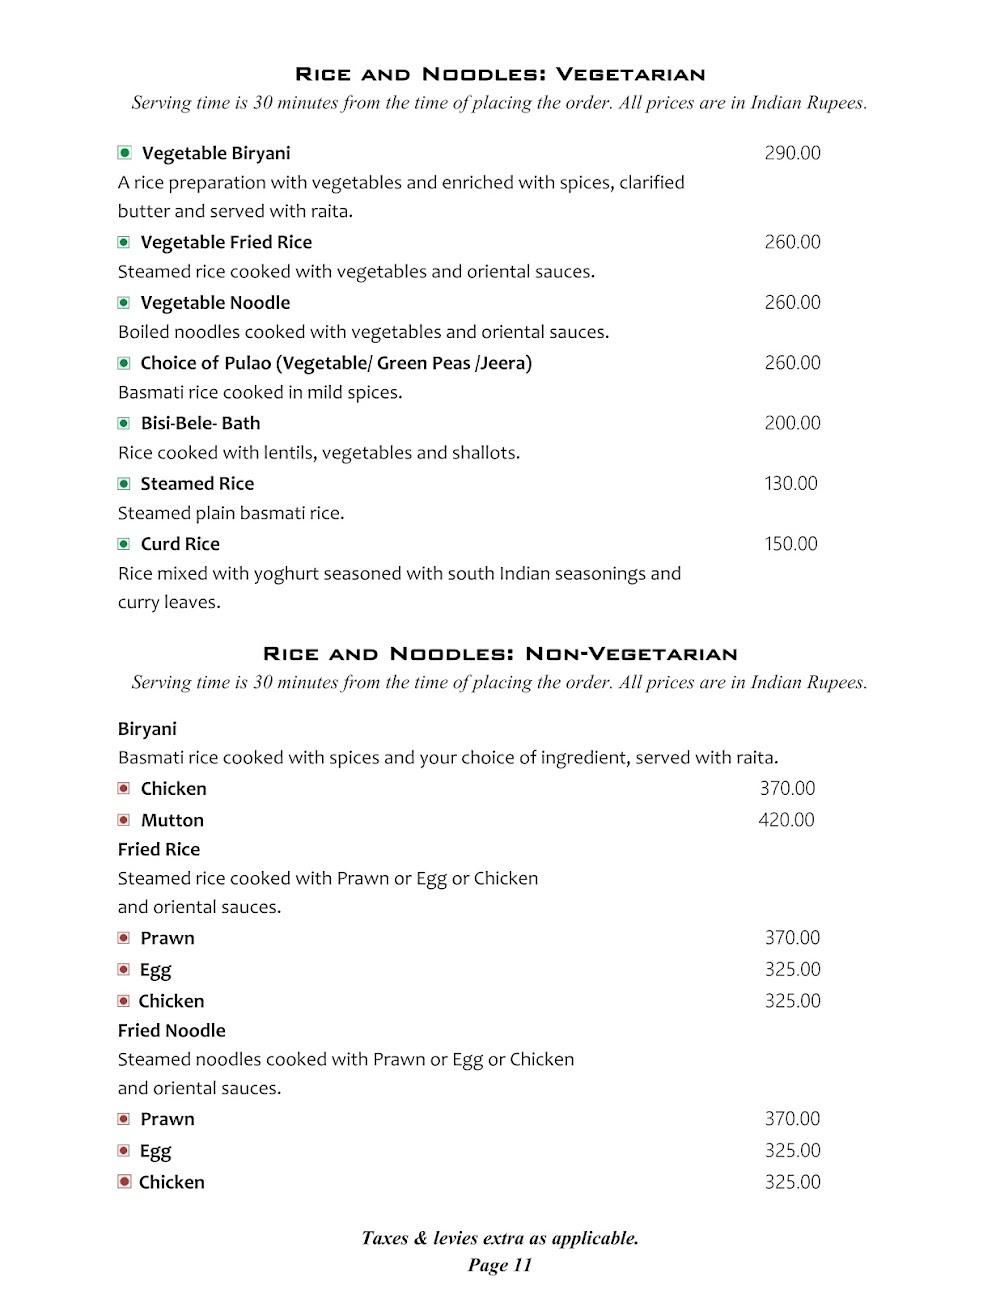 Cafe @ Elanza menu 11